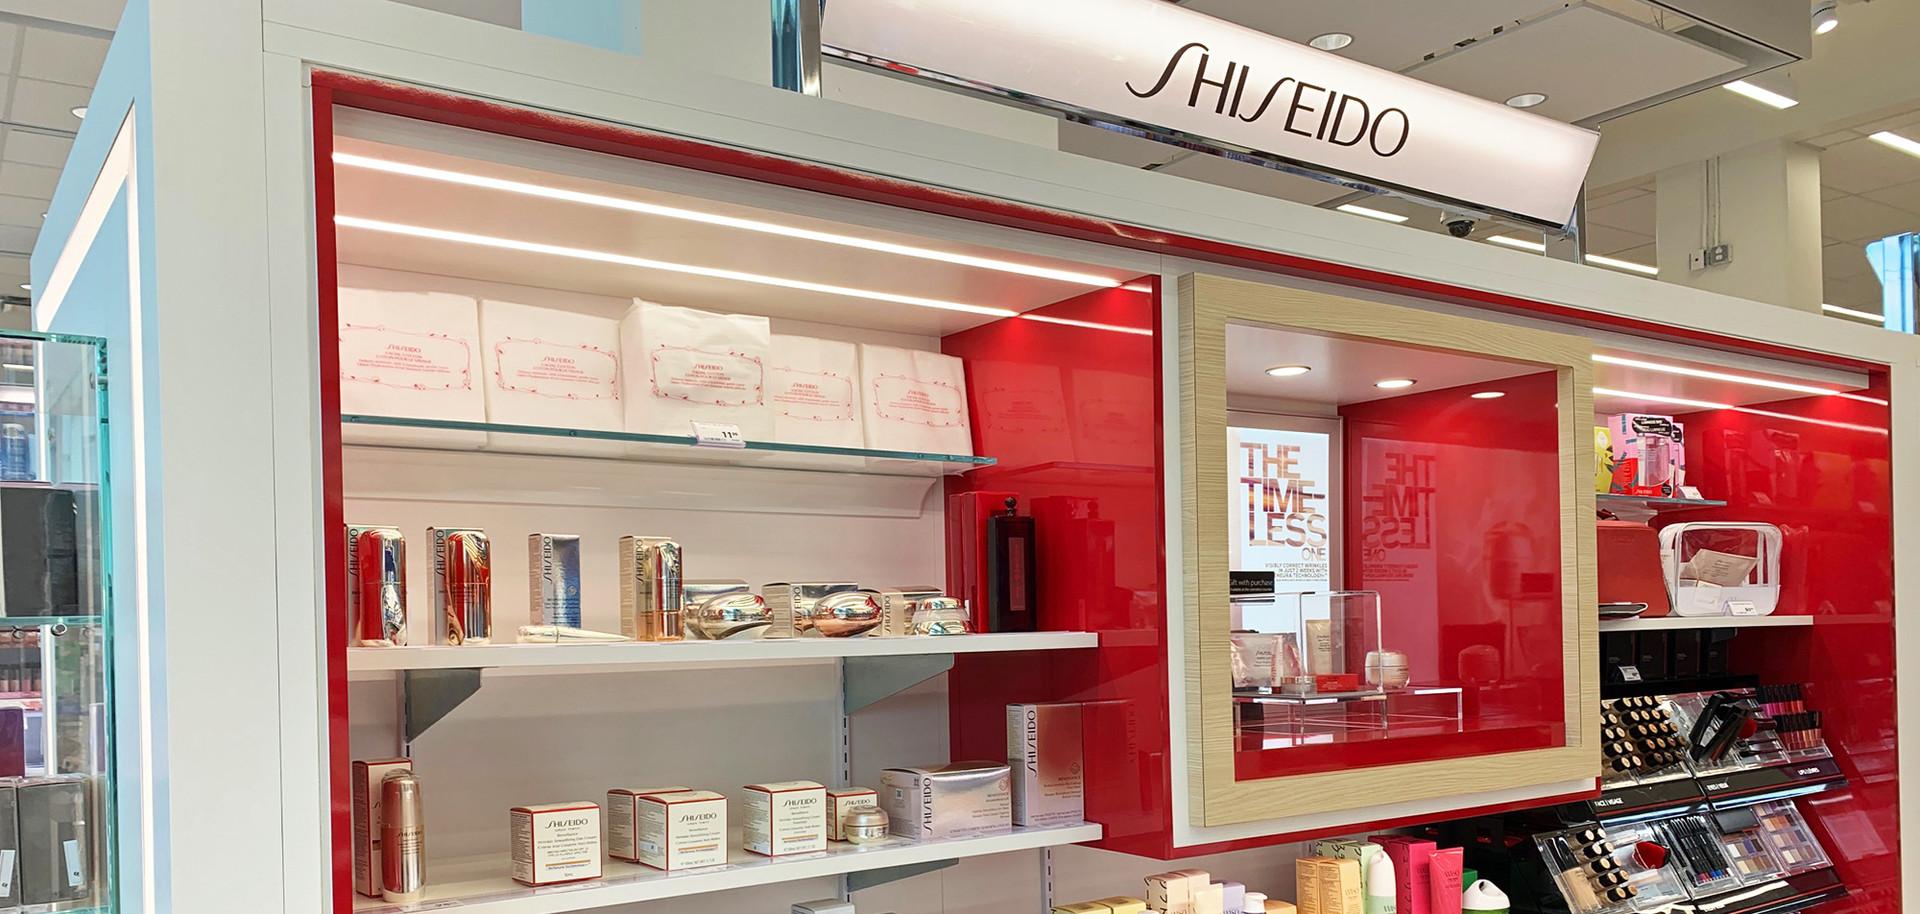 Shiseido Wall